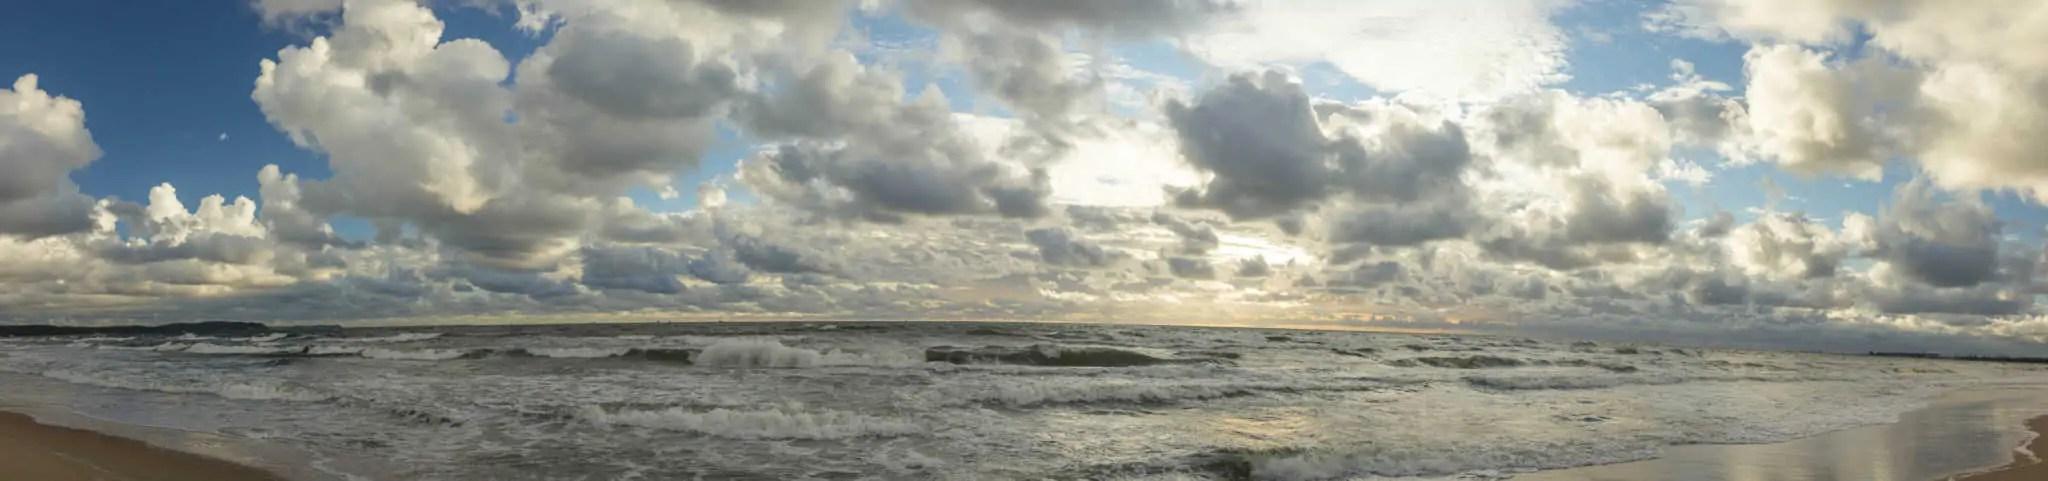 Plaża%20Jelitkowo%20Gdańsk%20poranek%20(4%20of%206) - Podstawy fotografii cyfrowej - 2020 aktualizacja